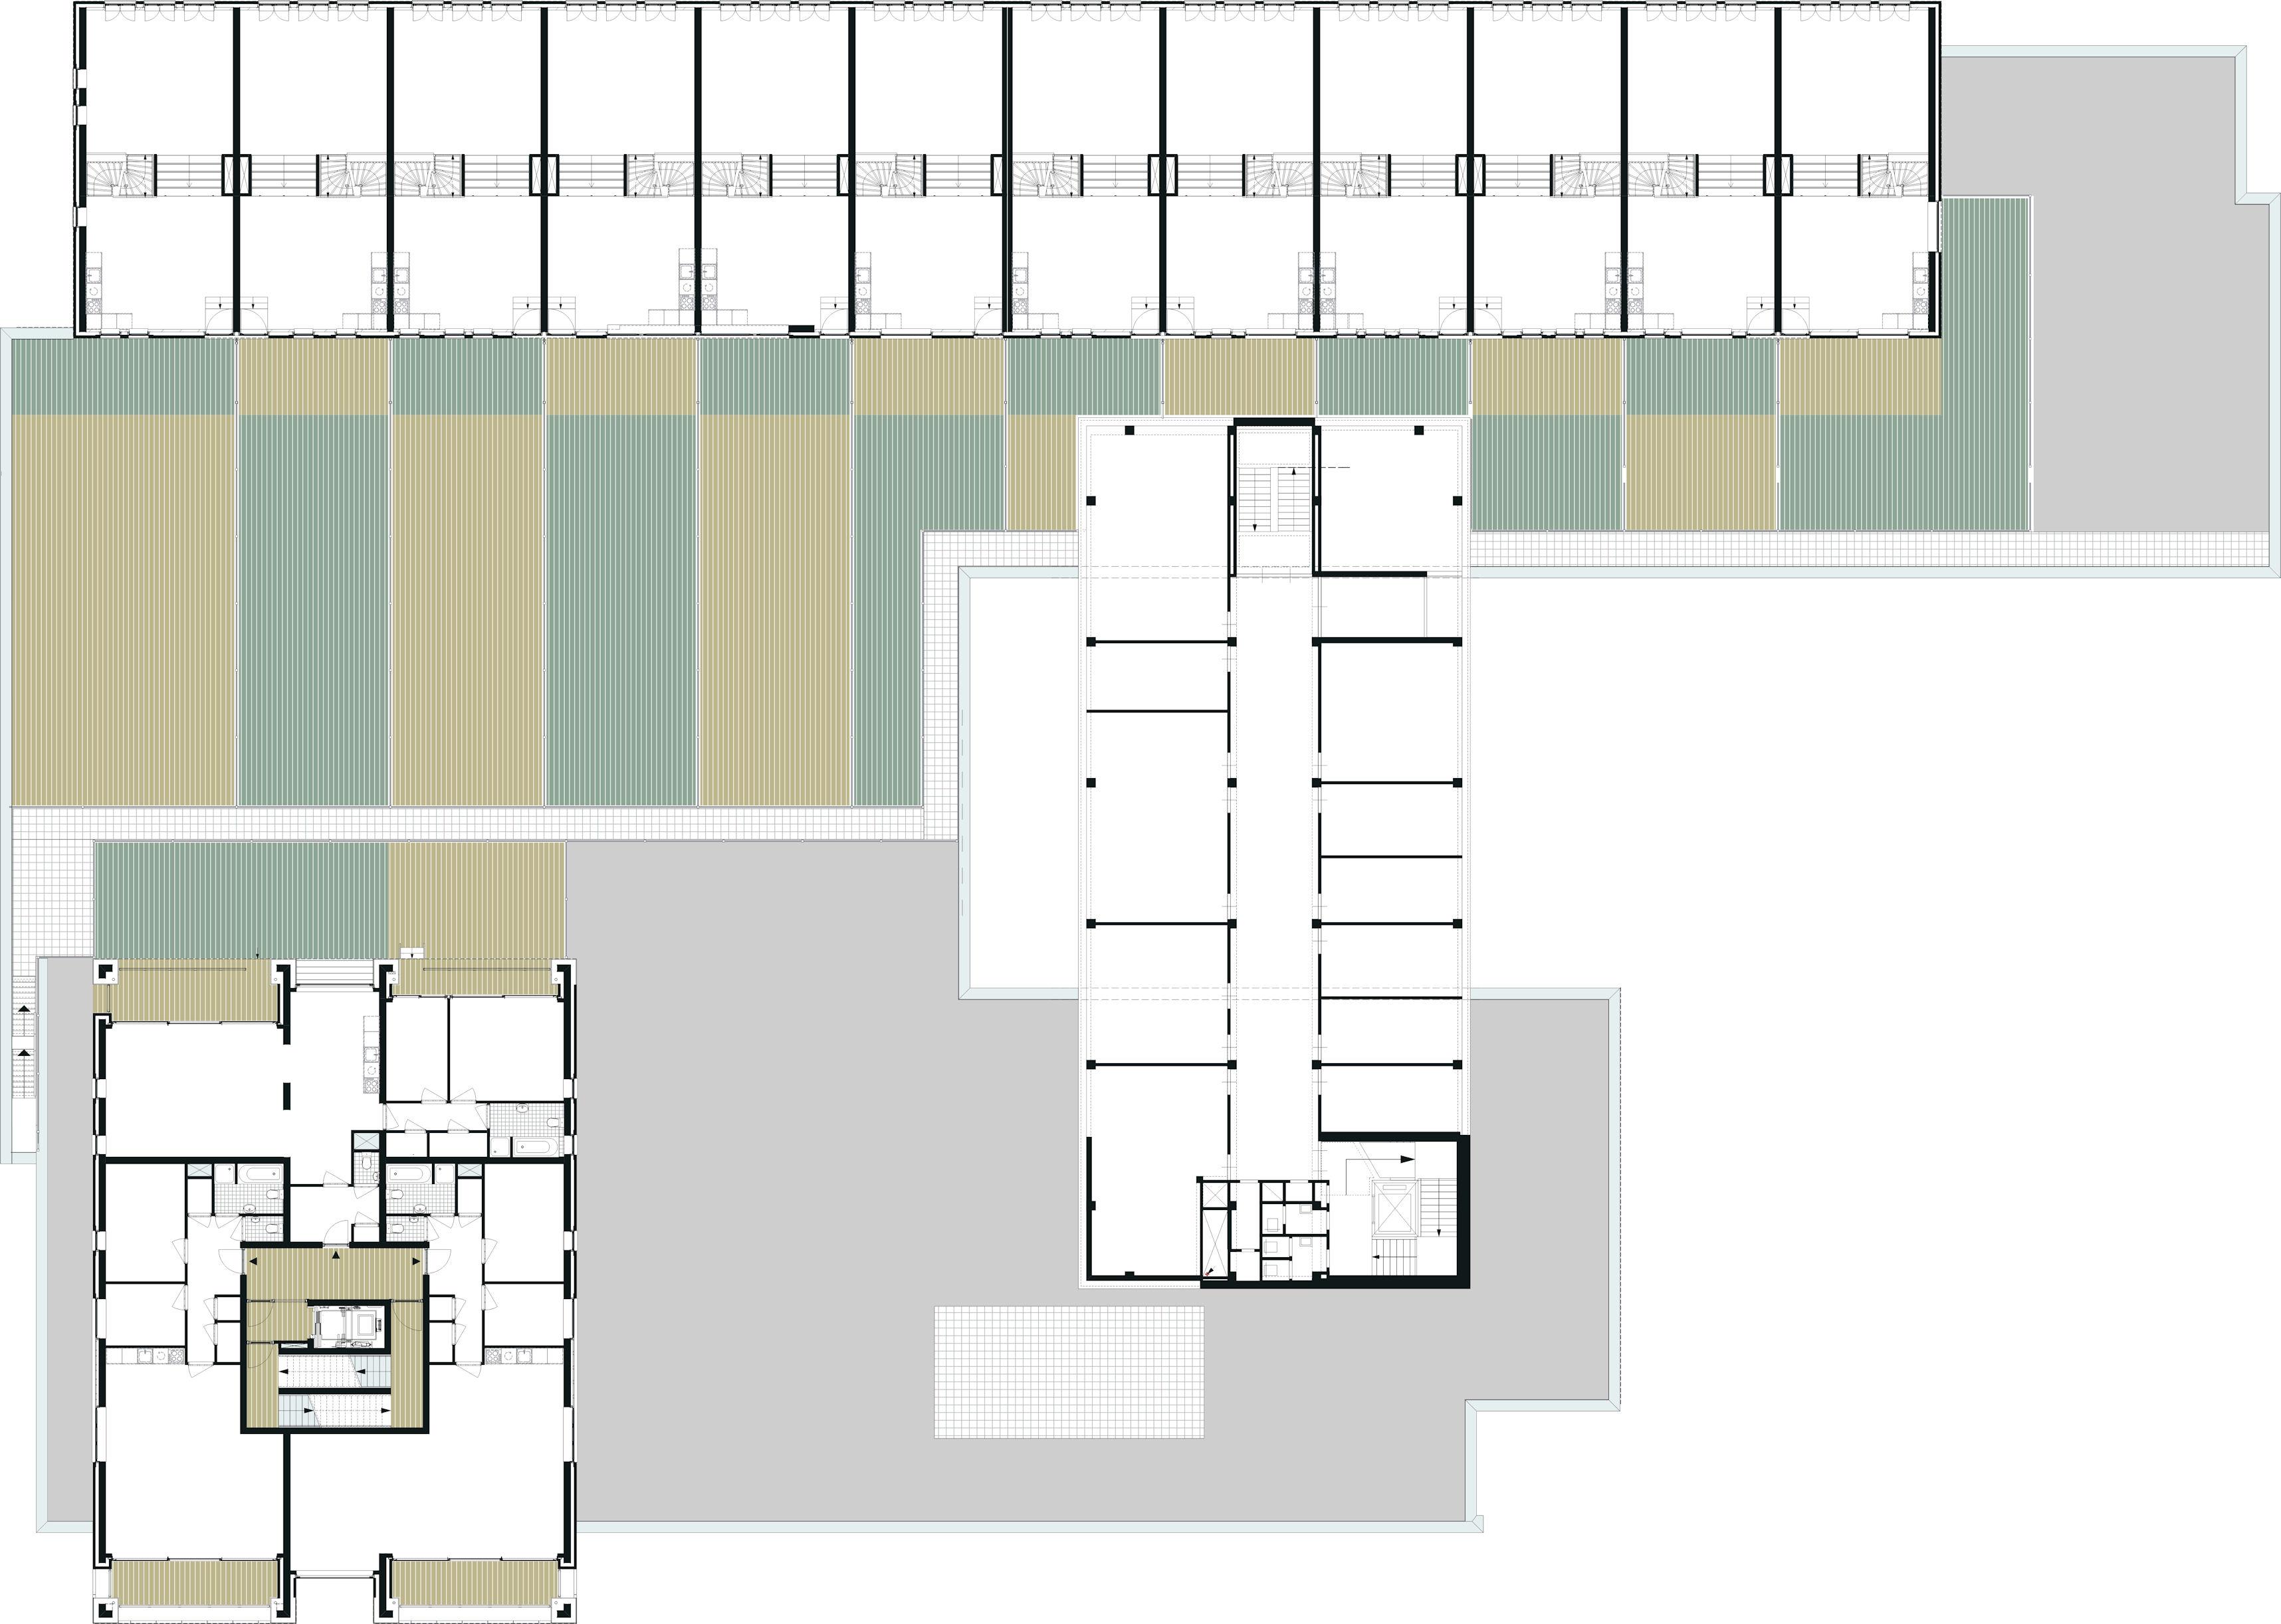 Woonkamer Eerste Verdieping : eerste verdieping